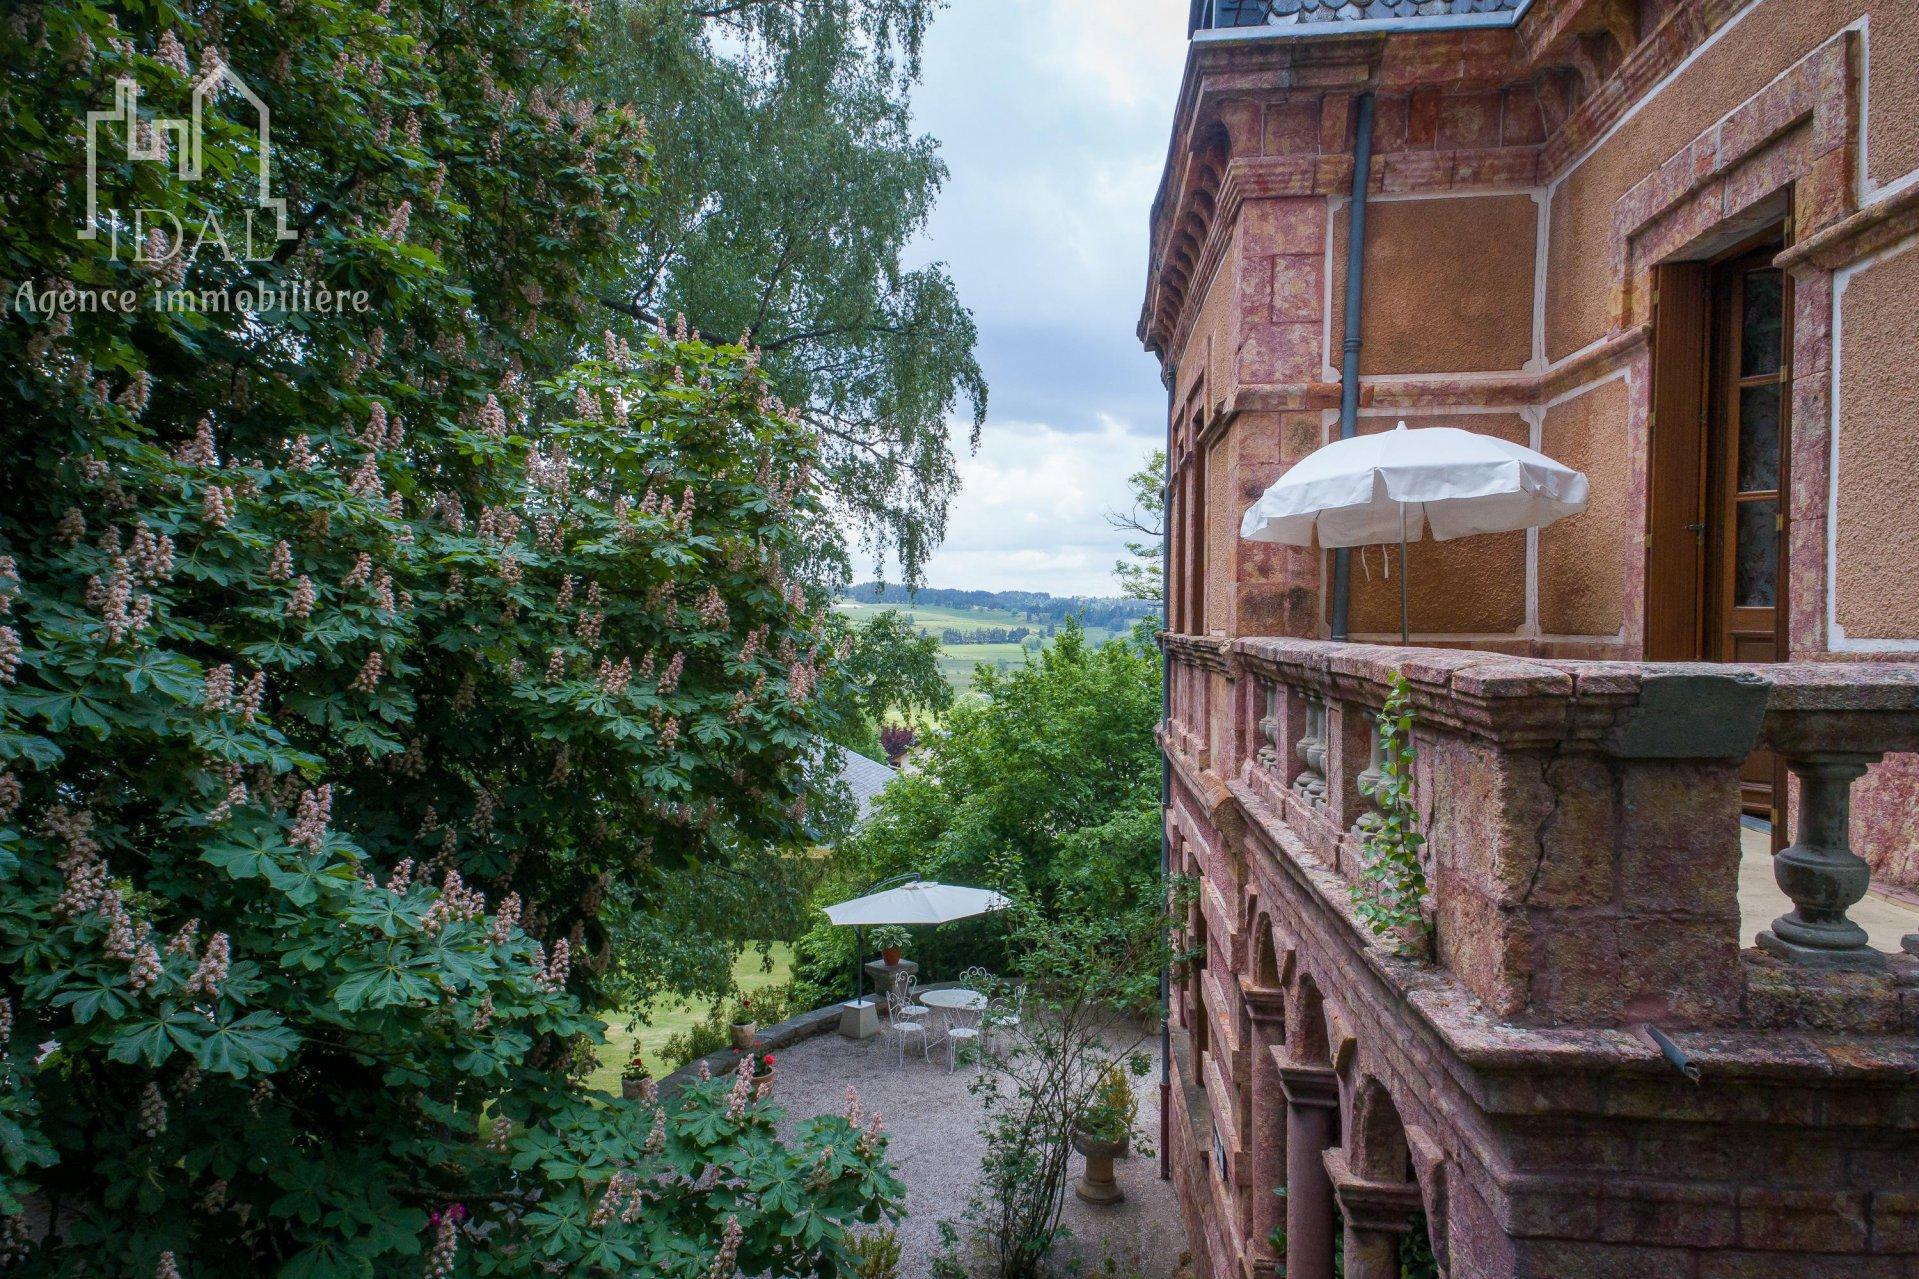 St Alban sur Limagnole-Demeure du XIX iéme bâtie de granite rose.